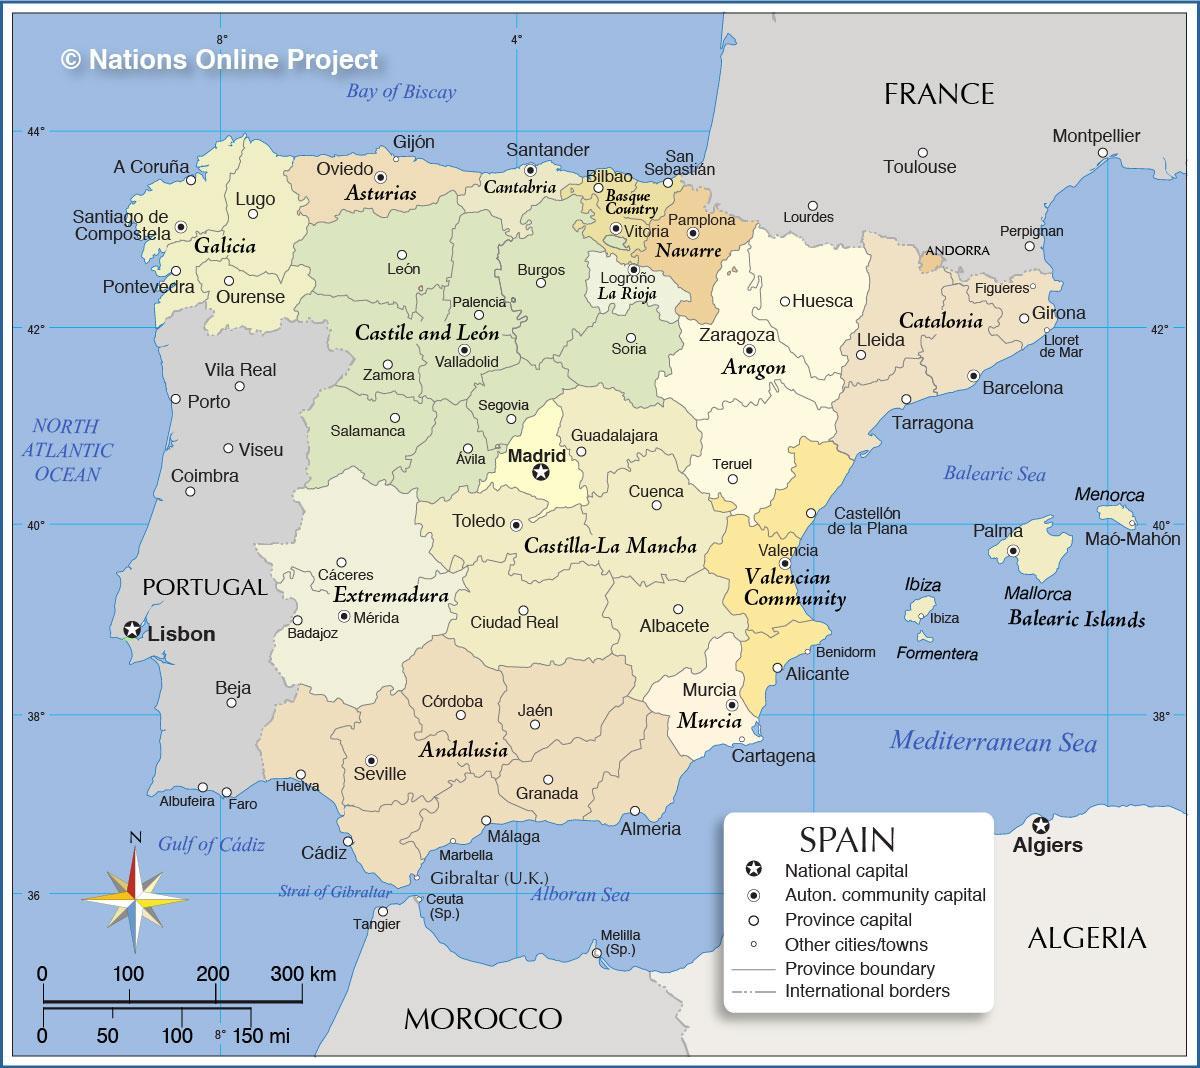 Spanien Regionen Karte.Spanien Karte Regionen Karte Von Spanien Mit Regionen Europa Süd